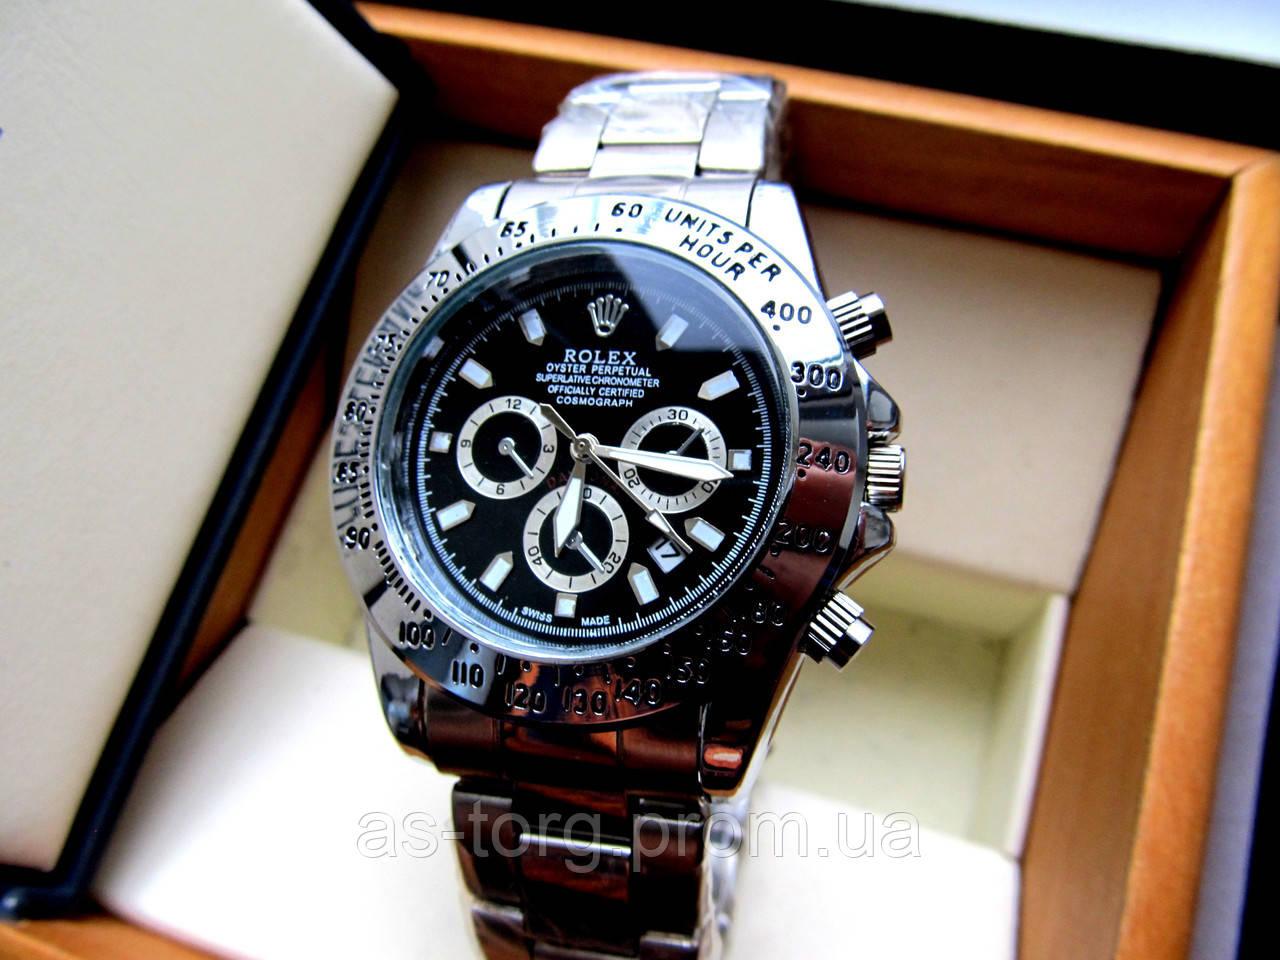 2d4a6a15eaa8 Мужские наручные часы Rolex Daytona серебро, часы физрука -  Интернет-магазин